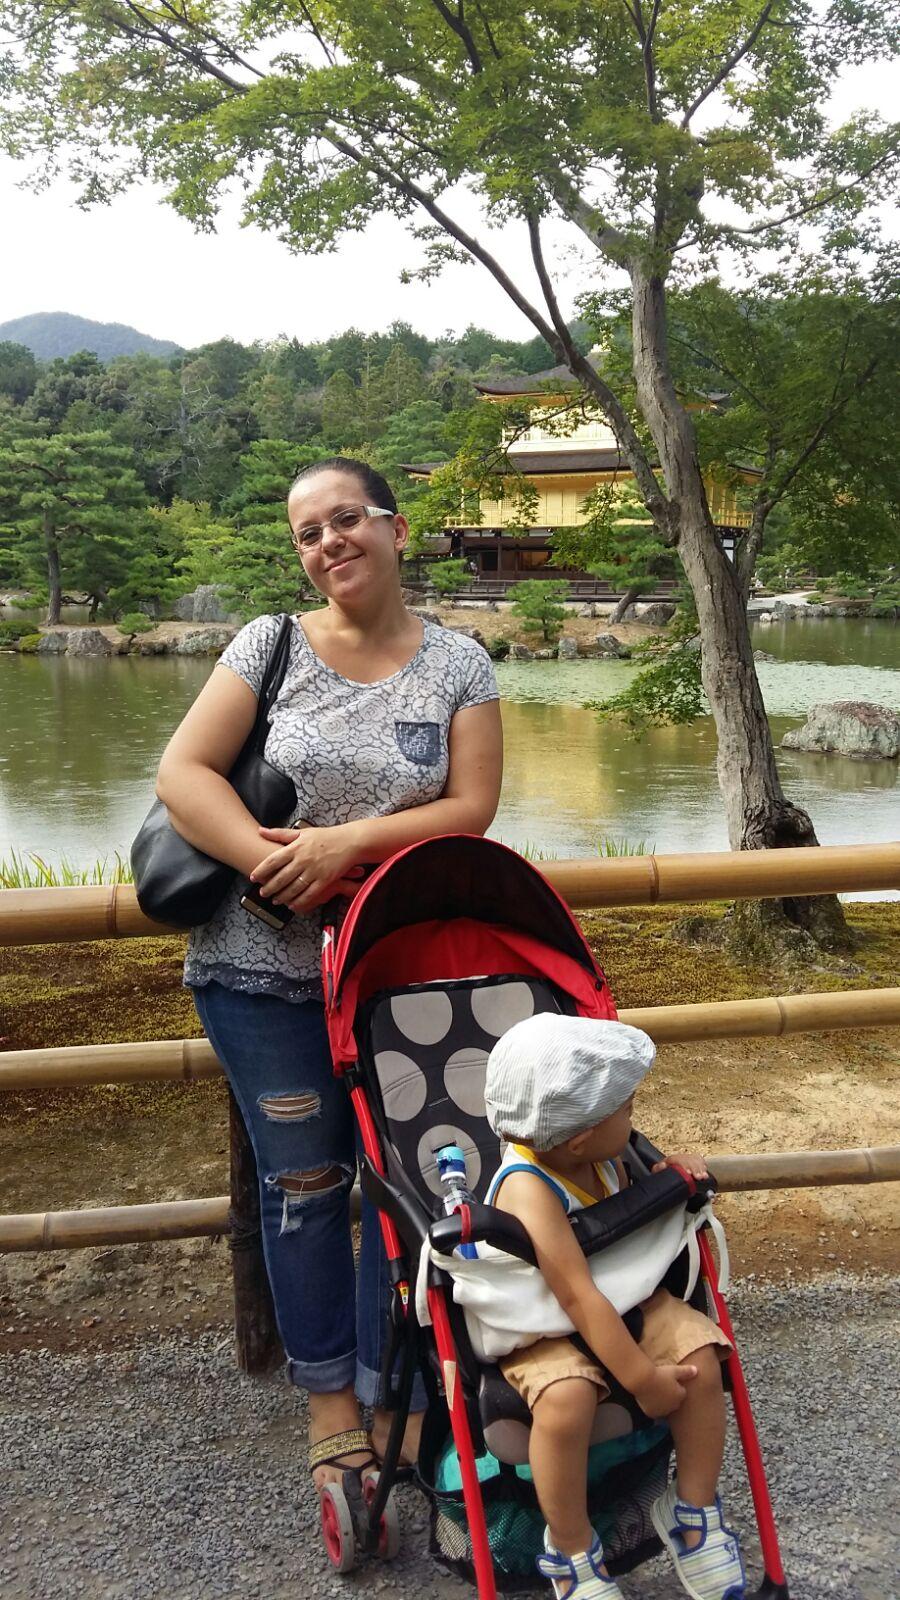 Trasferirsi in Giappone, cosa vuol dire per una mamma expat